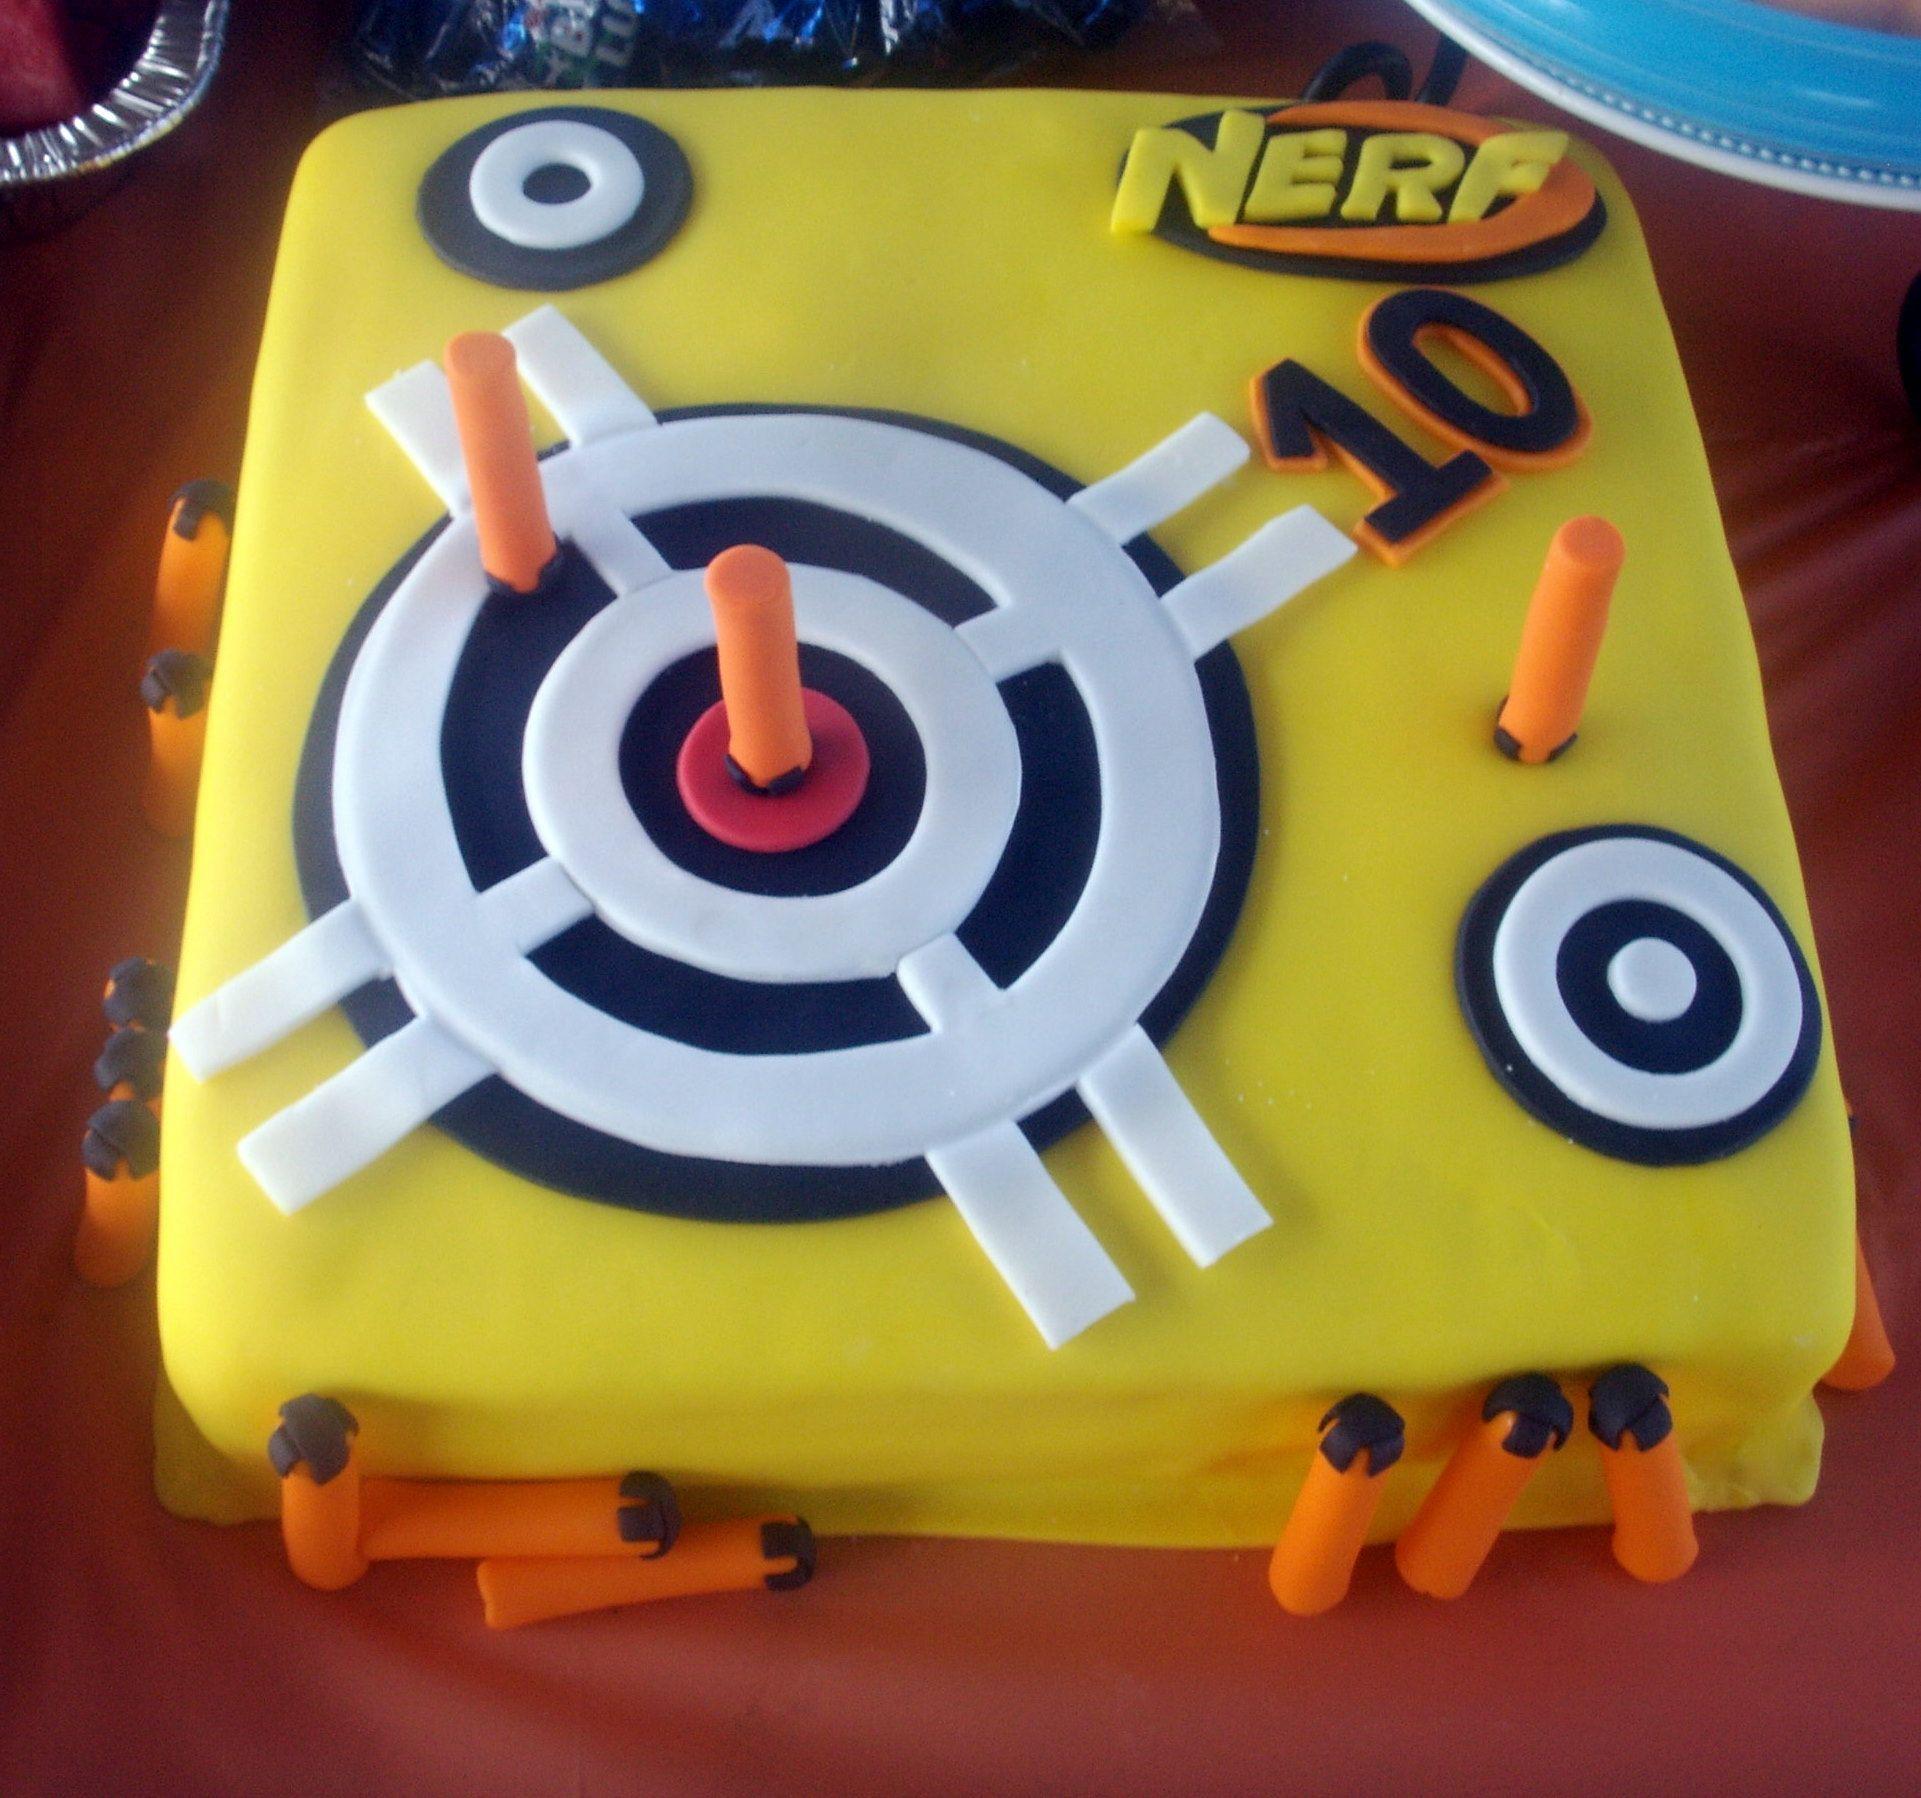 Nerf Target